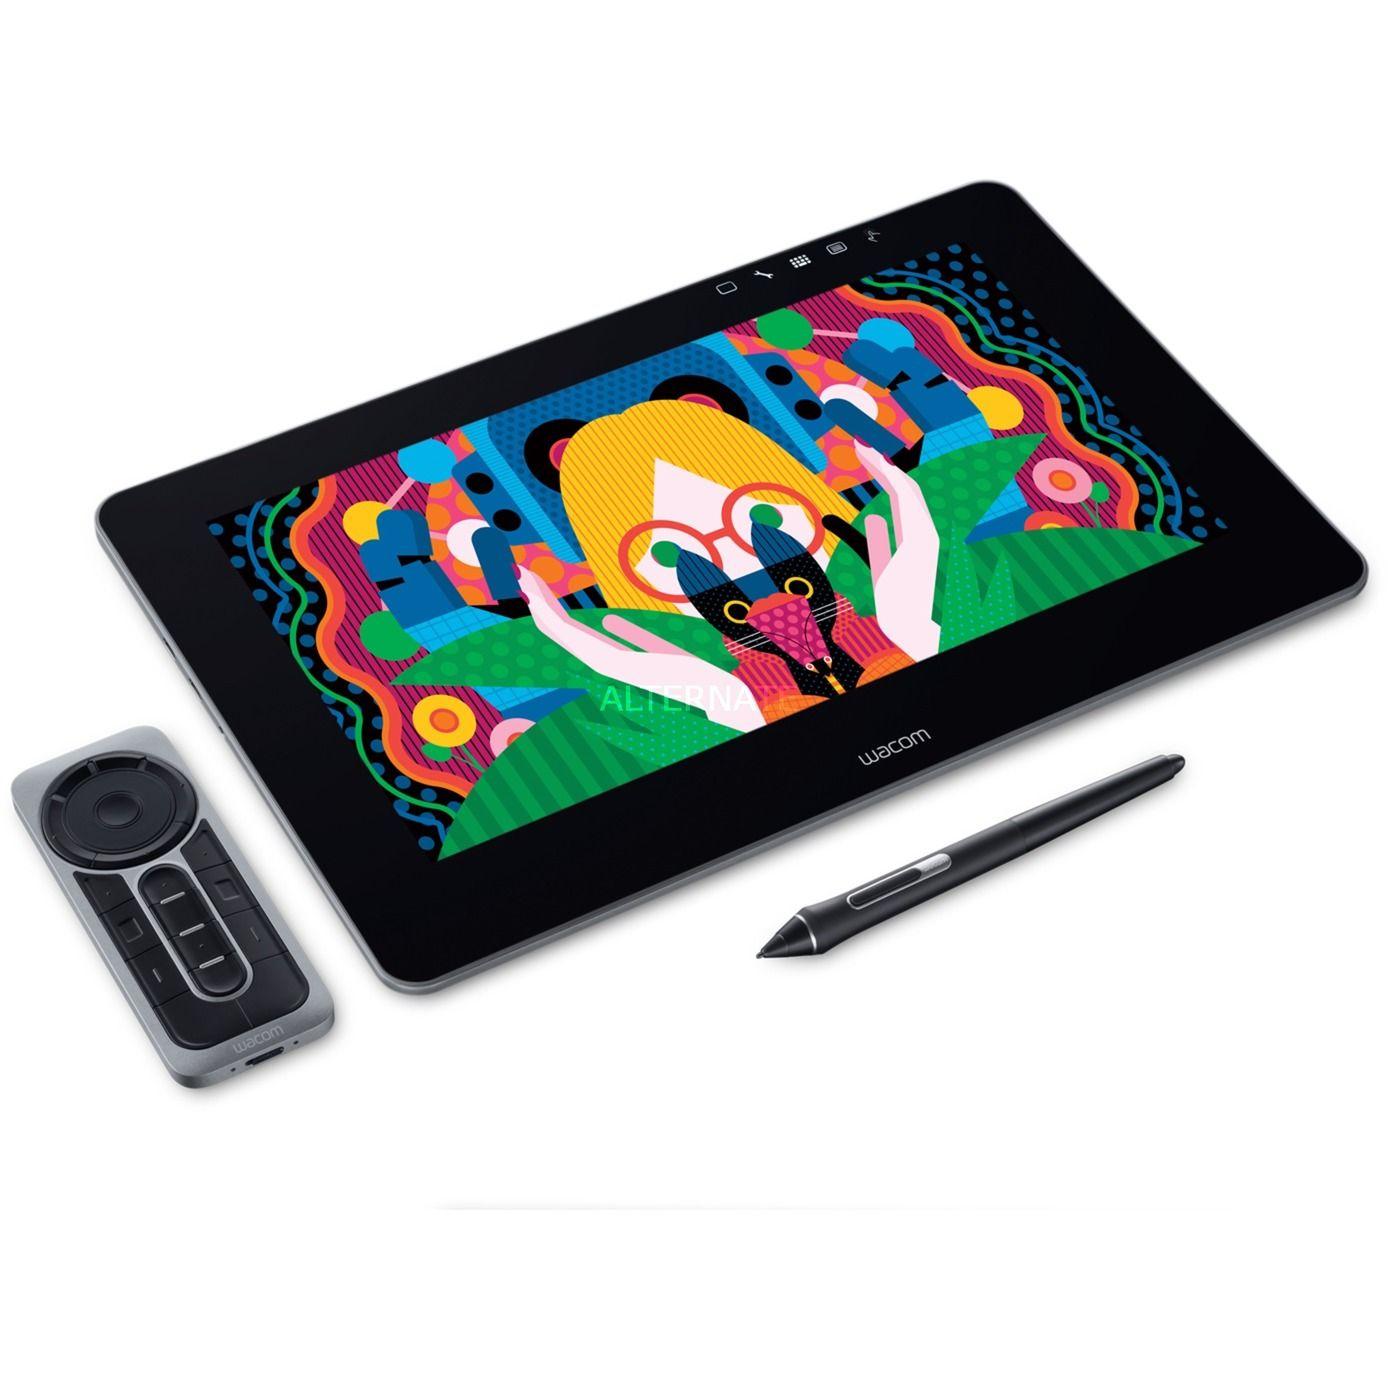 Meilleurs Jeux Pour Tablette Android Gratuit | Tablette avec Jeux Pour Tablette Gratuit